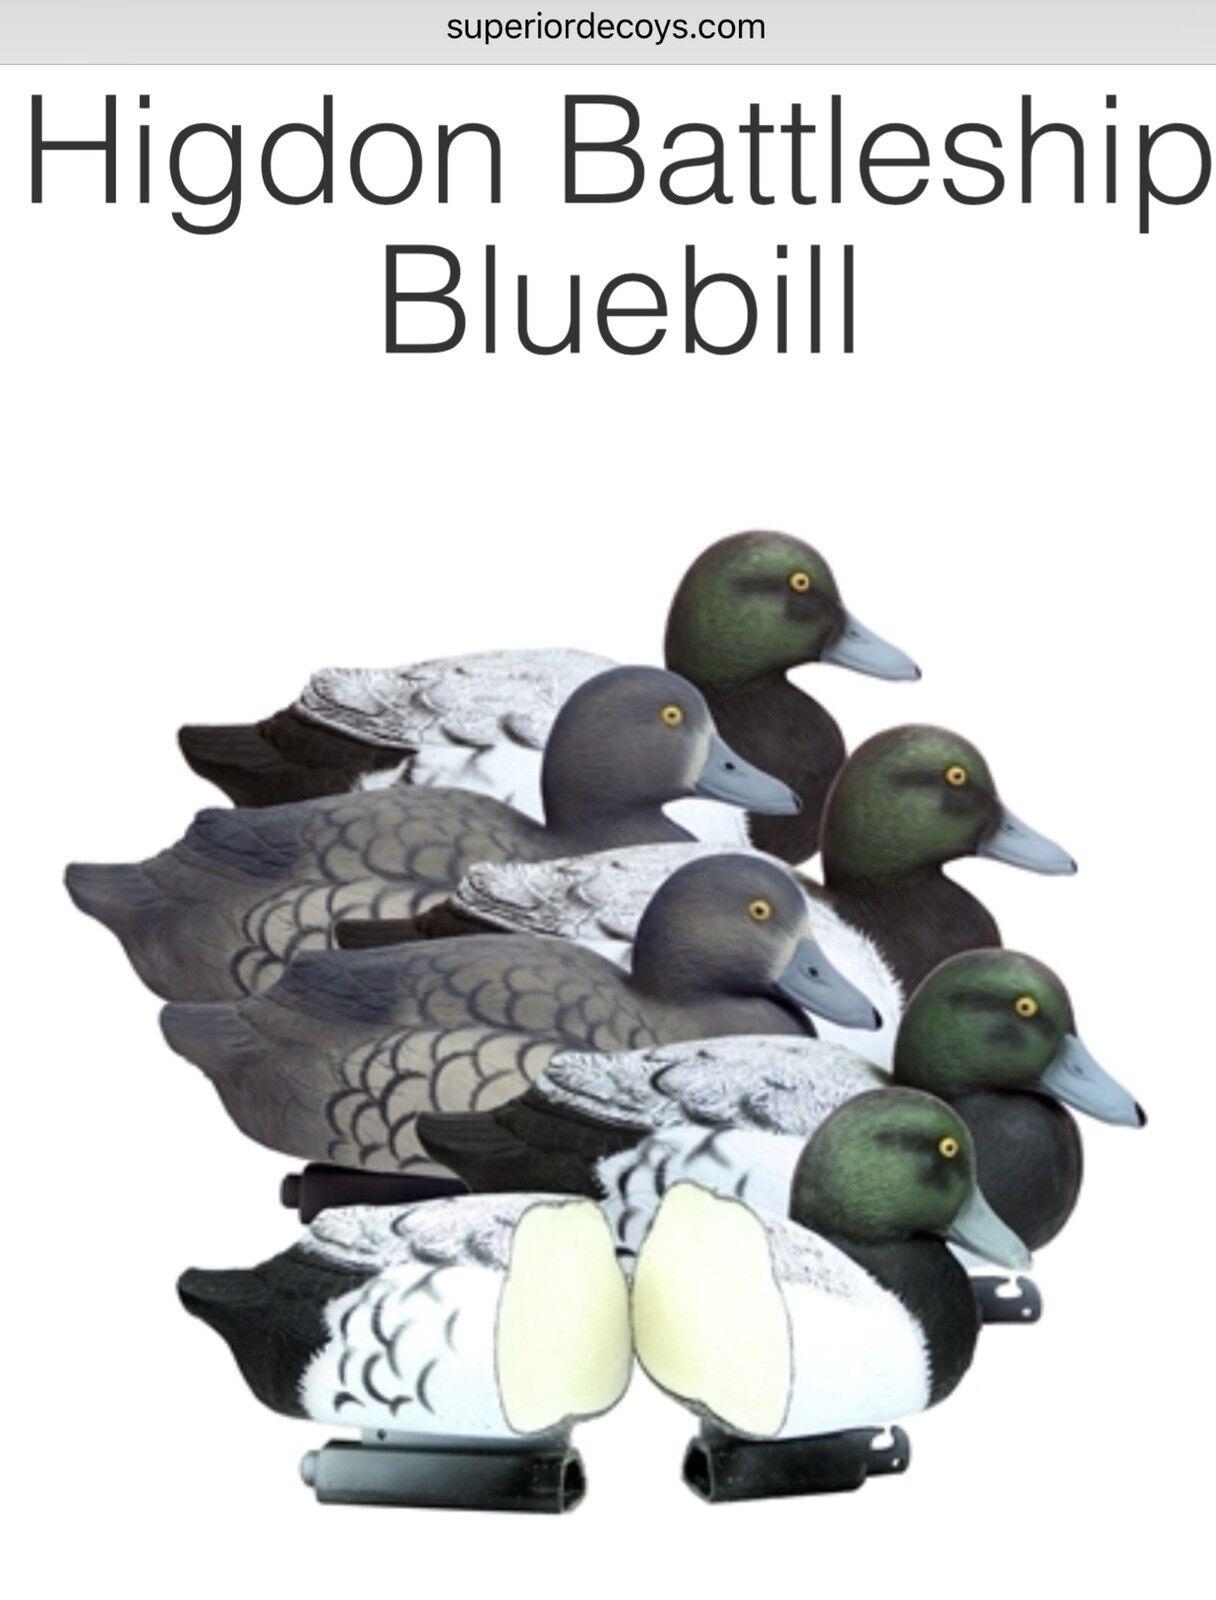 Nuevo-Higdon Outdoors-Acorazado rellenos de espuma azulbill-Paquete de 6-Envío Gratuito